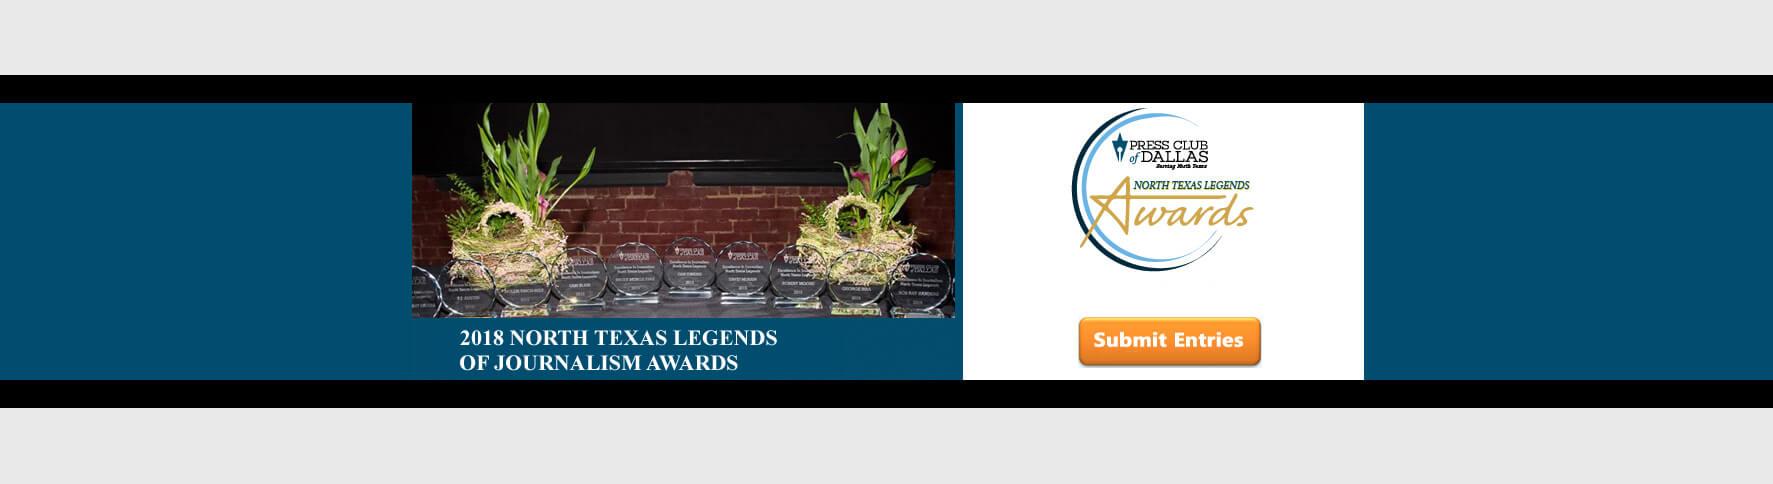 NT-Legends-Awards-2018